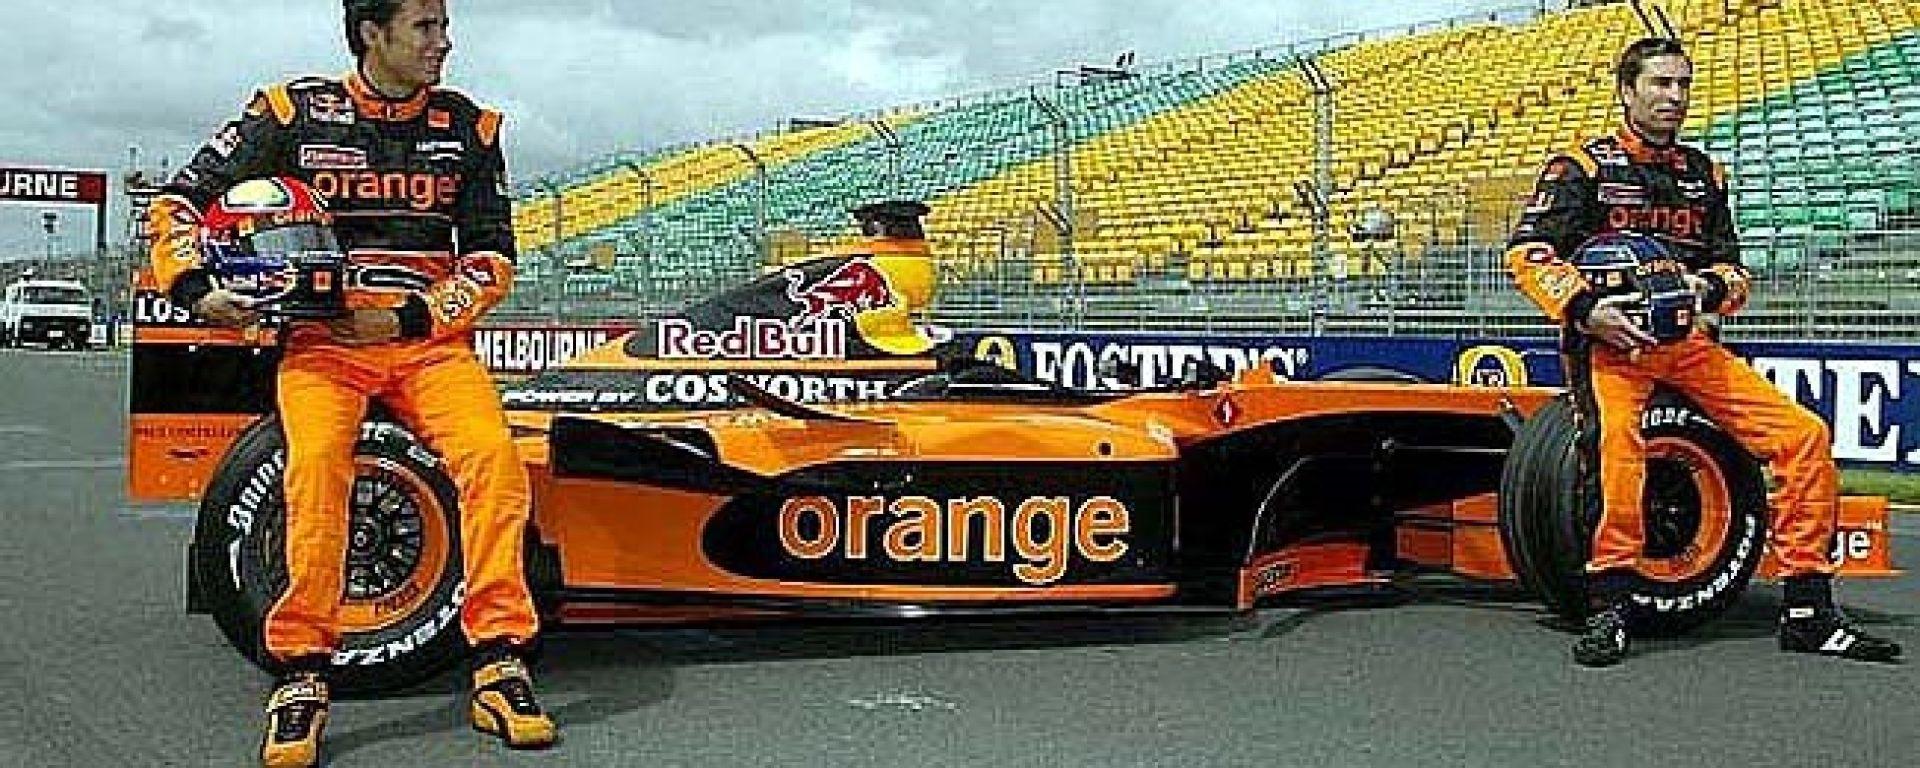 F1 2002: Arrows A23